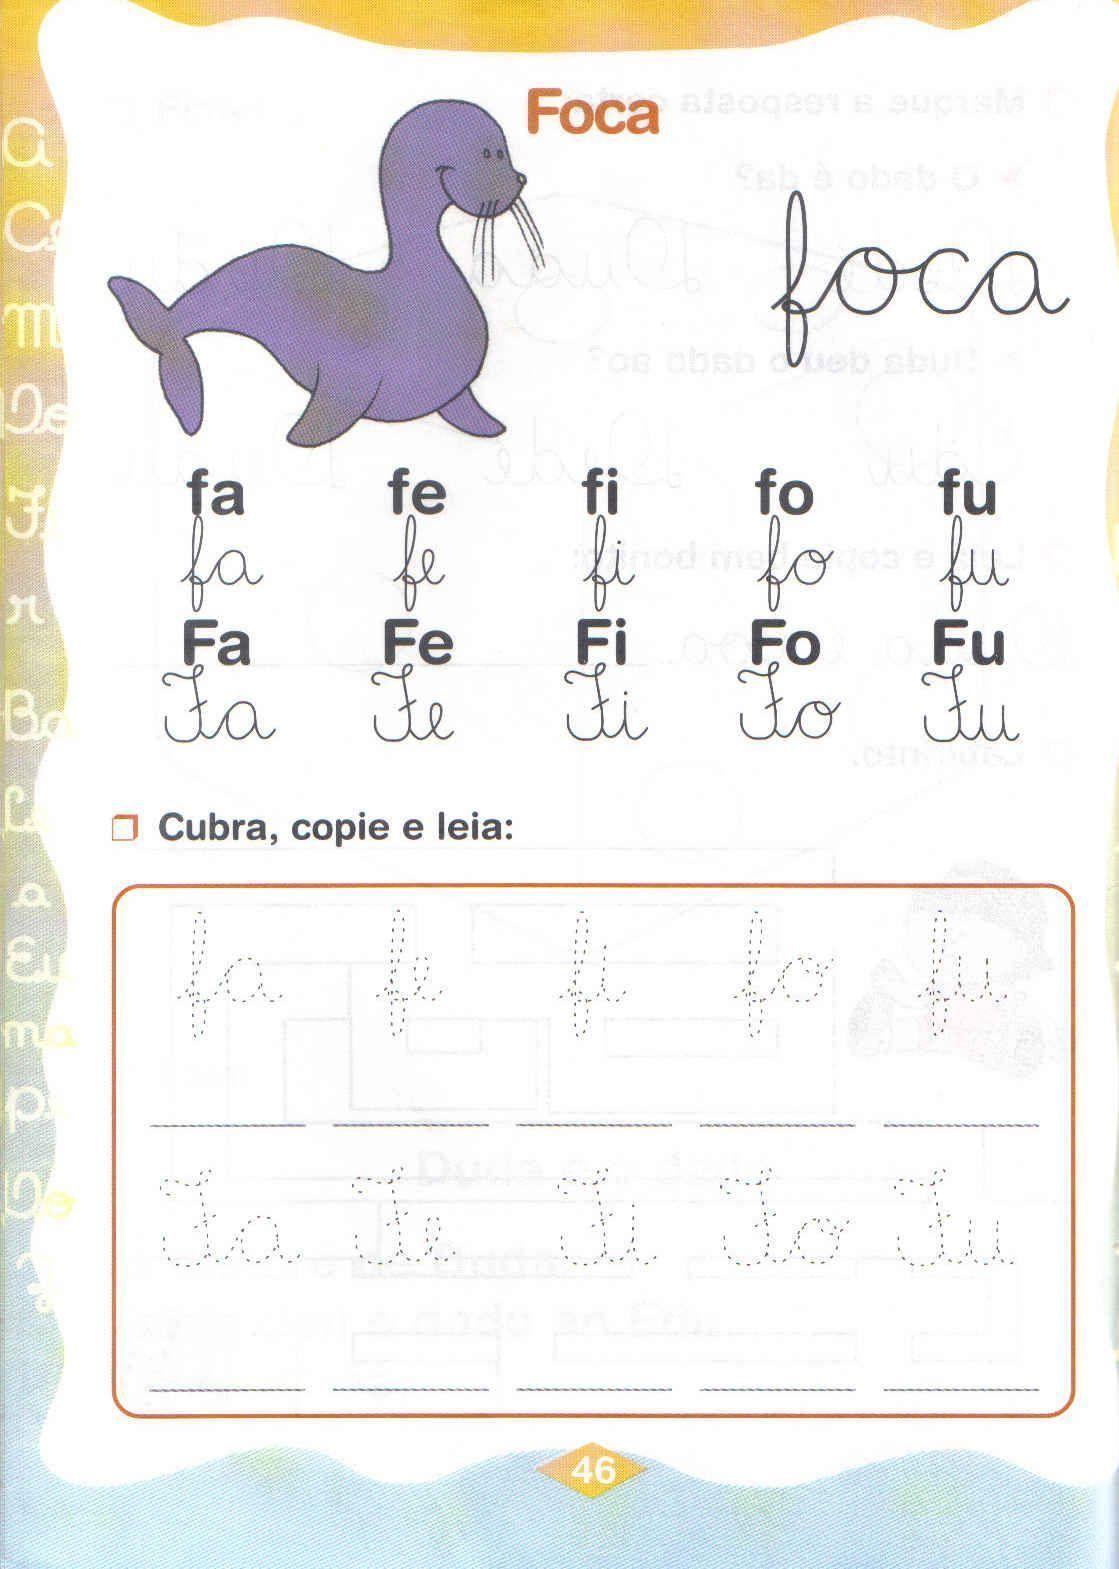 Atividades Com Fa Fe Fi Fo Fu Para Imprimir Pra Alfabetizar Em